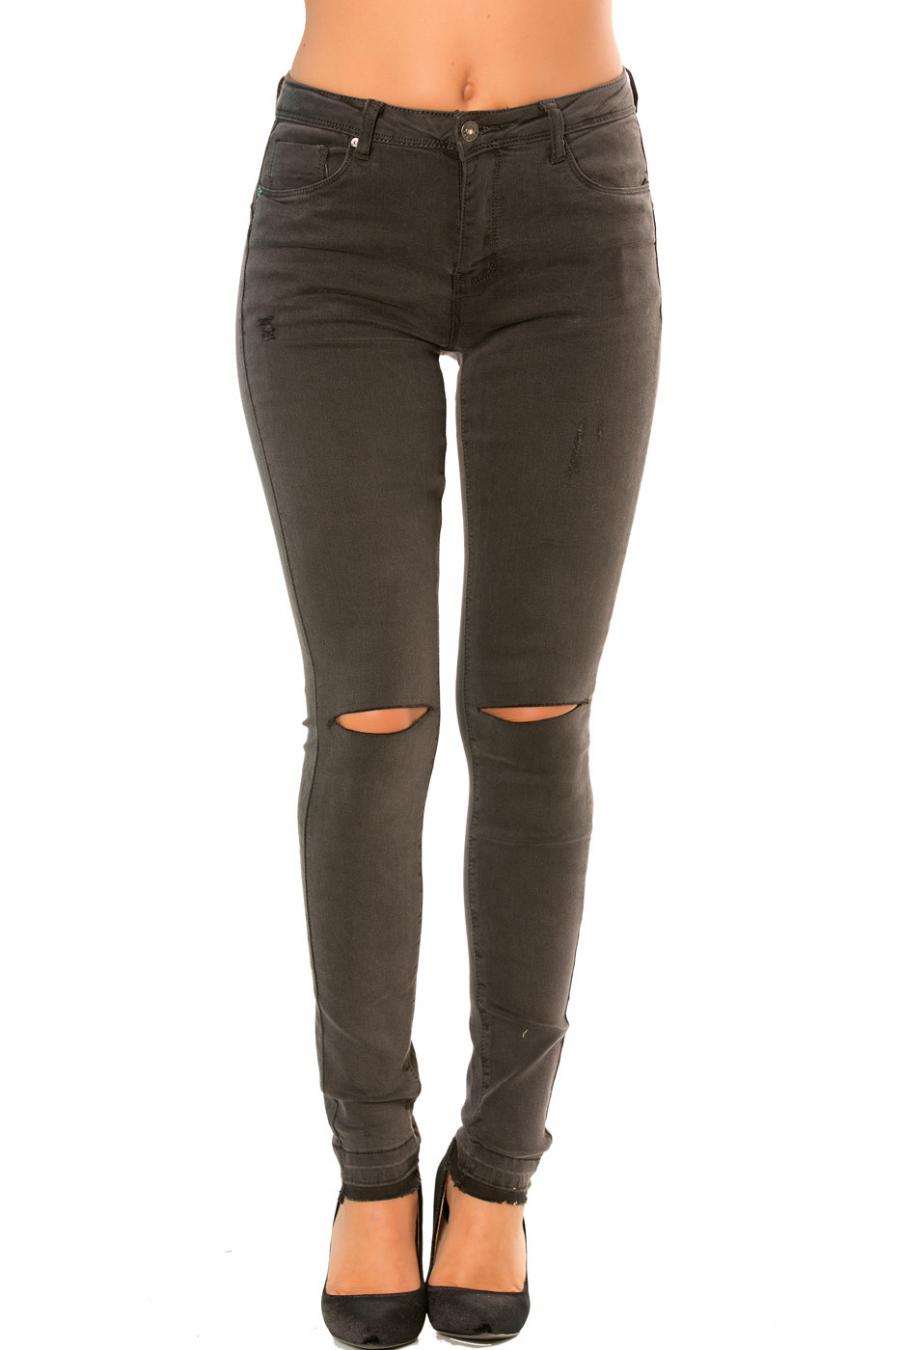 Pantalon jeans slim Anthracite troué aux genoux. PTL-S820